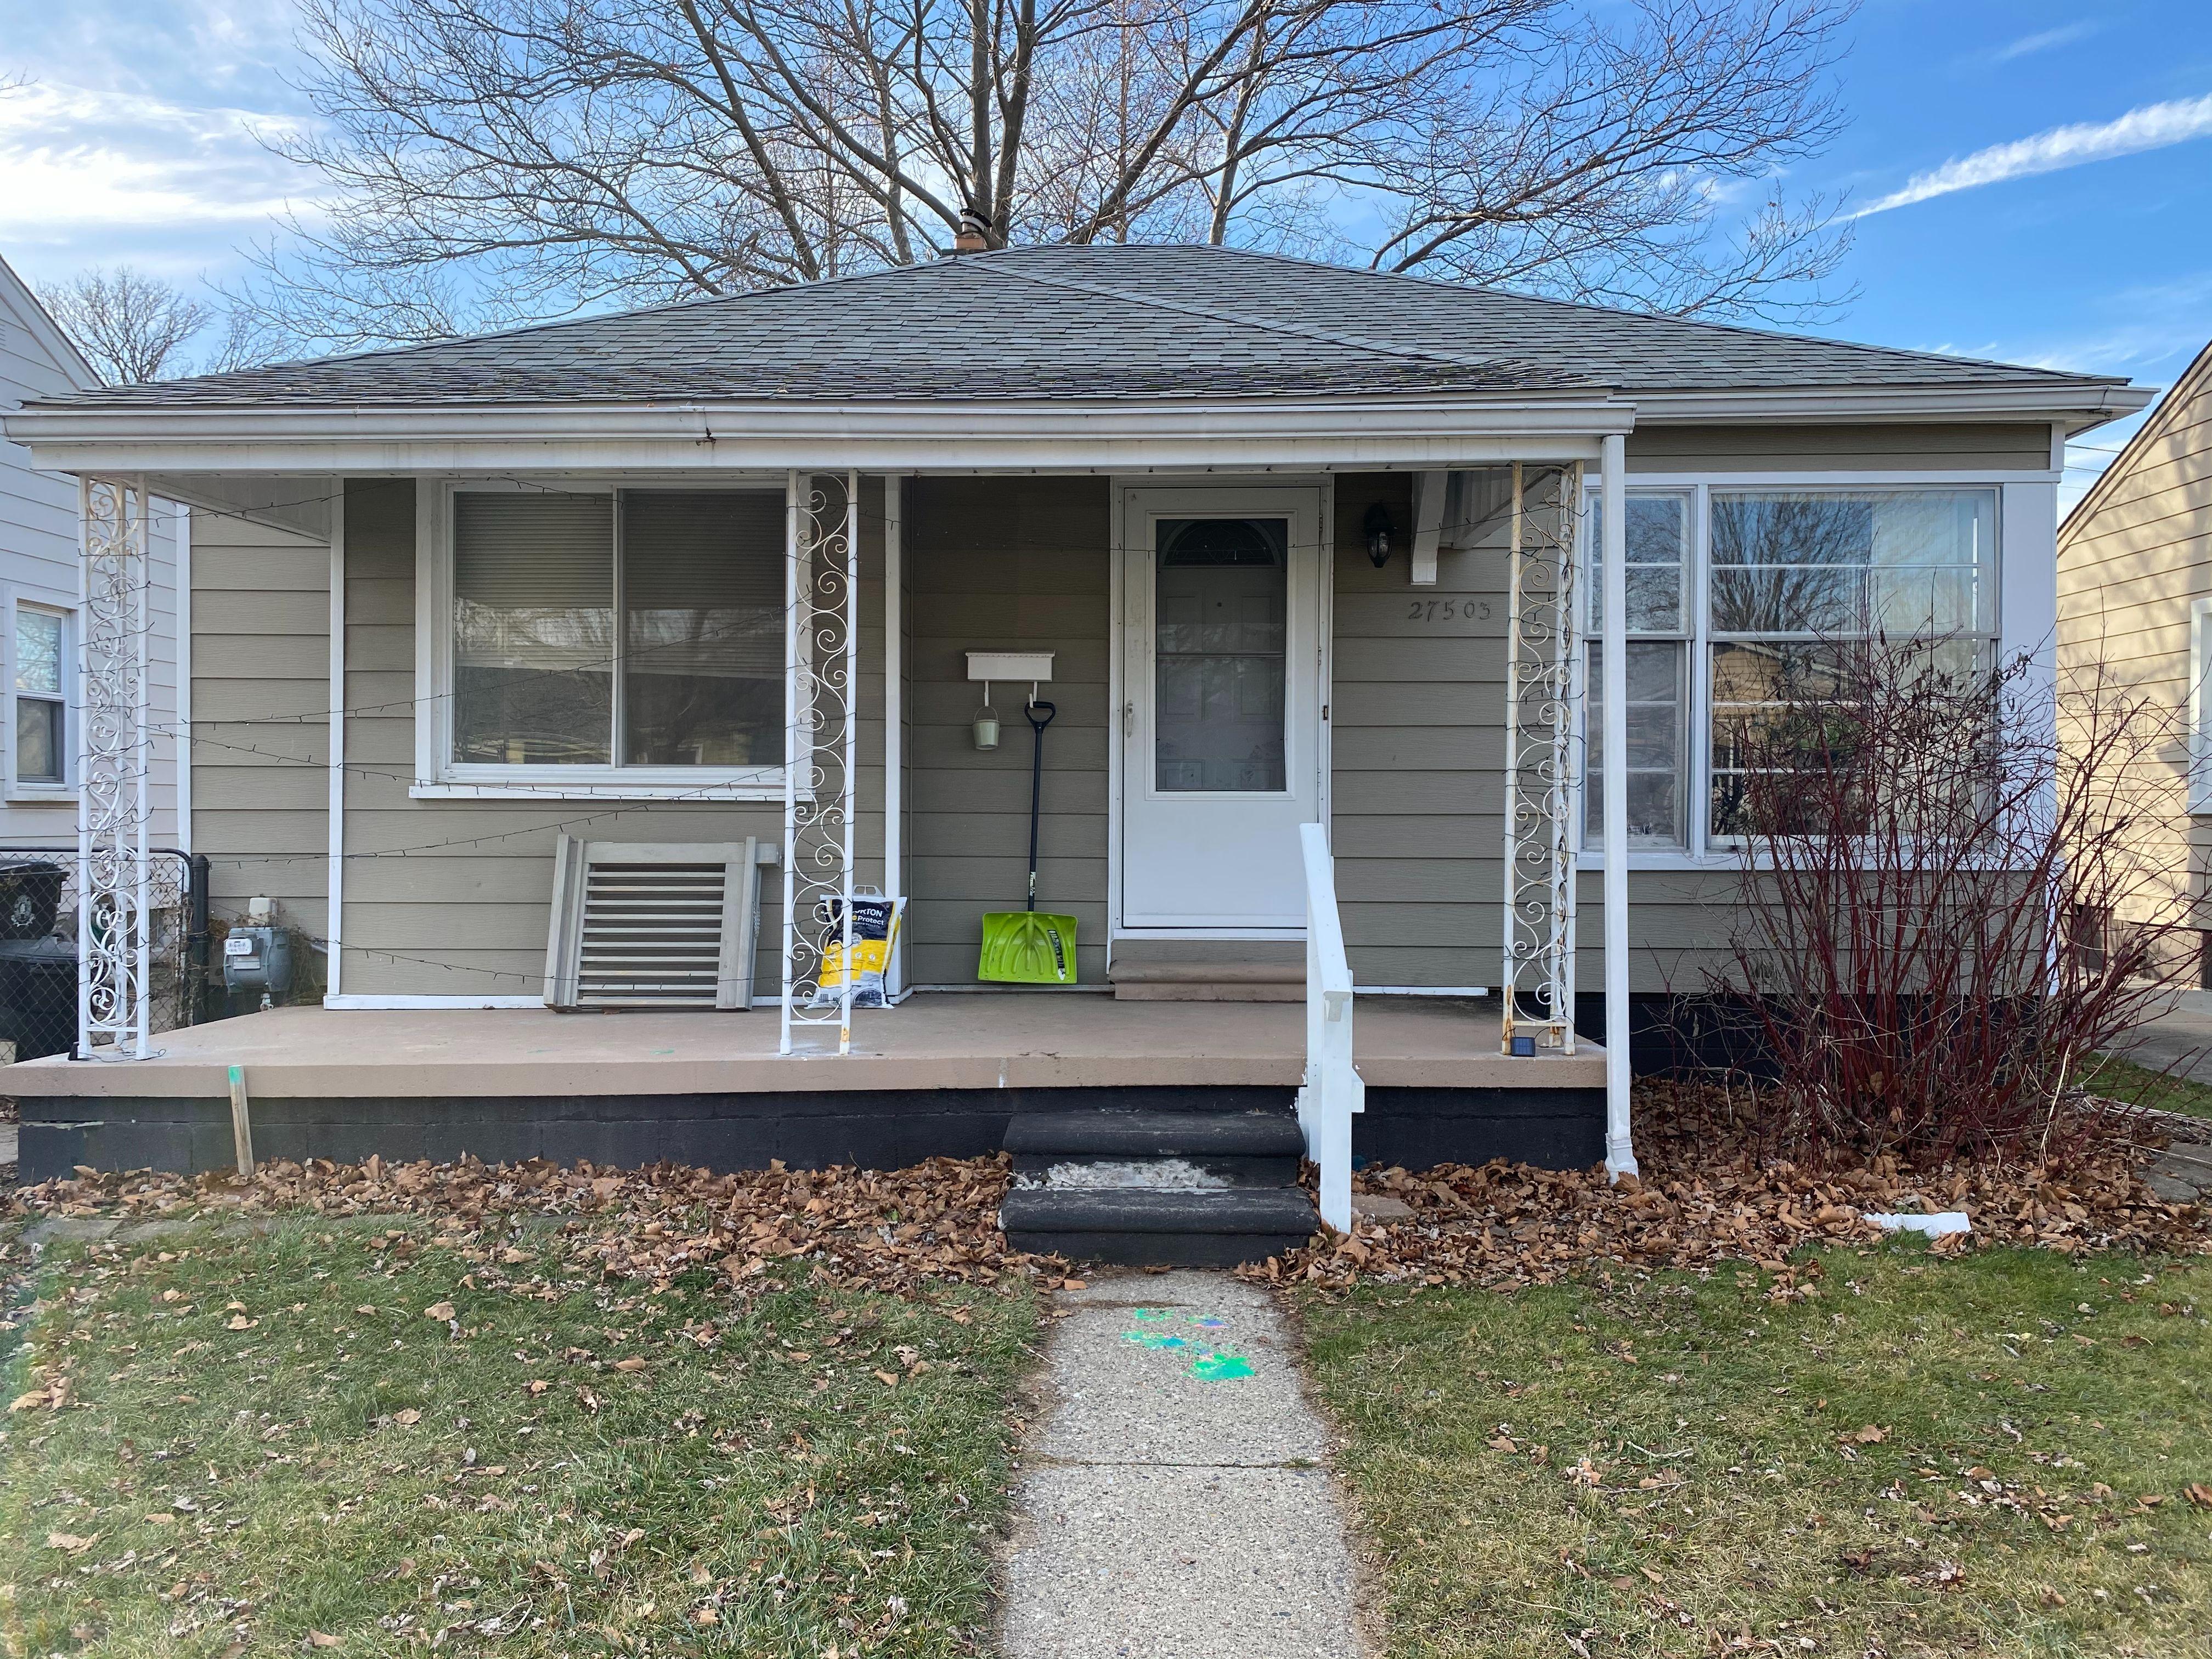 27503 Oneil St, Roseville, MI